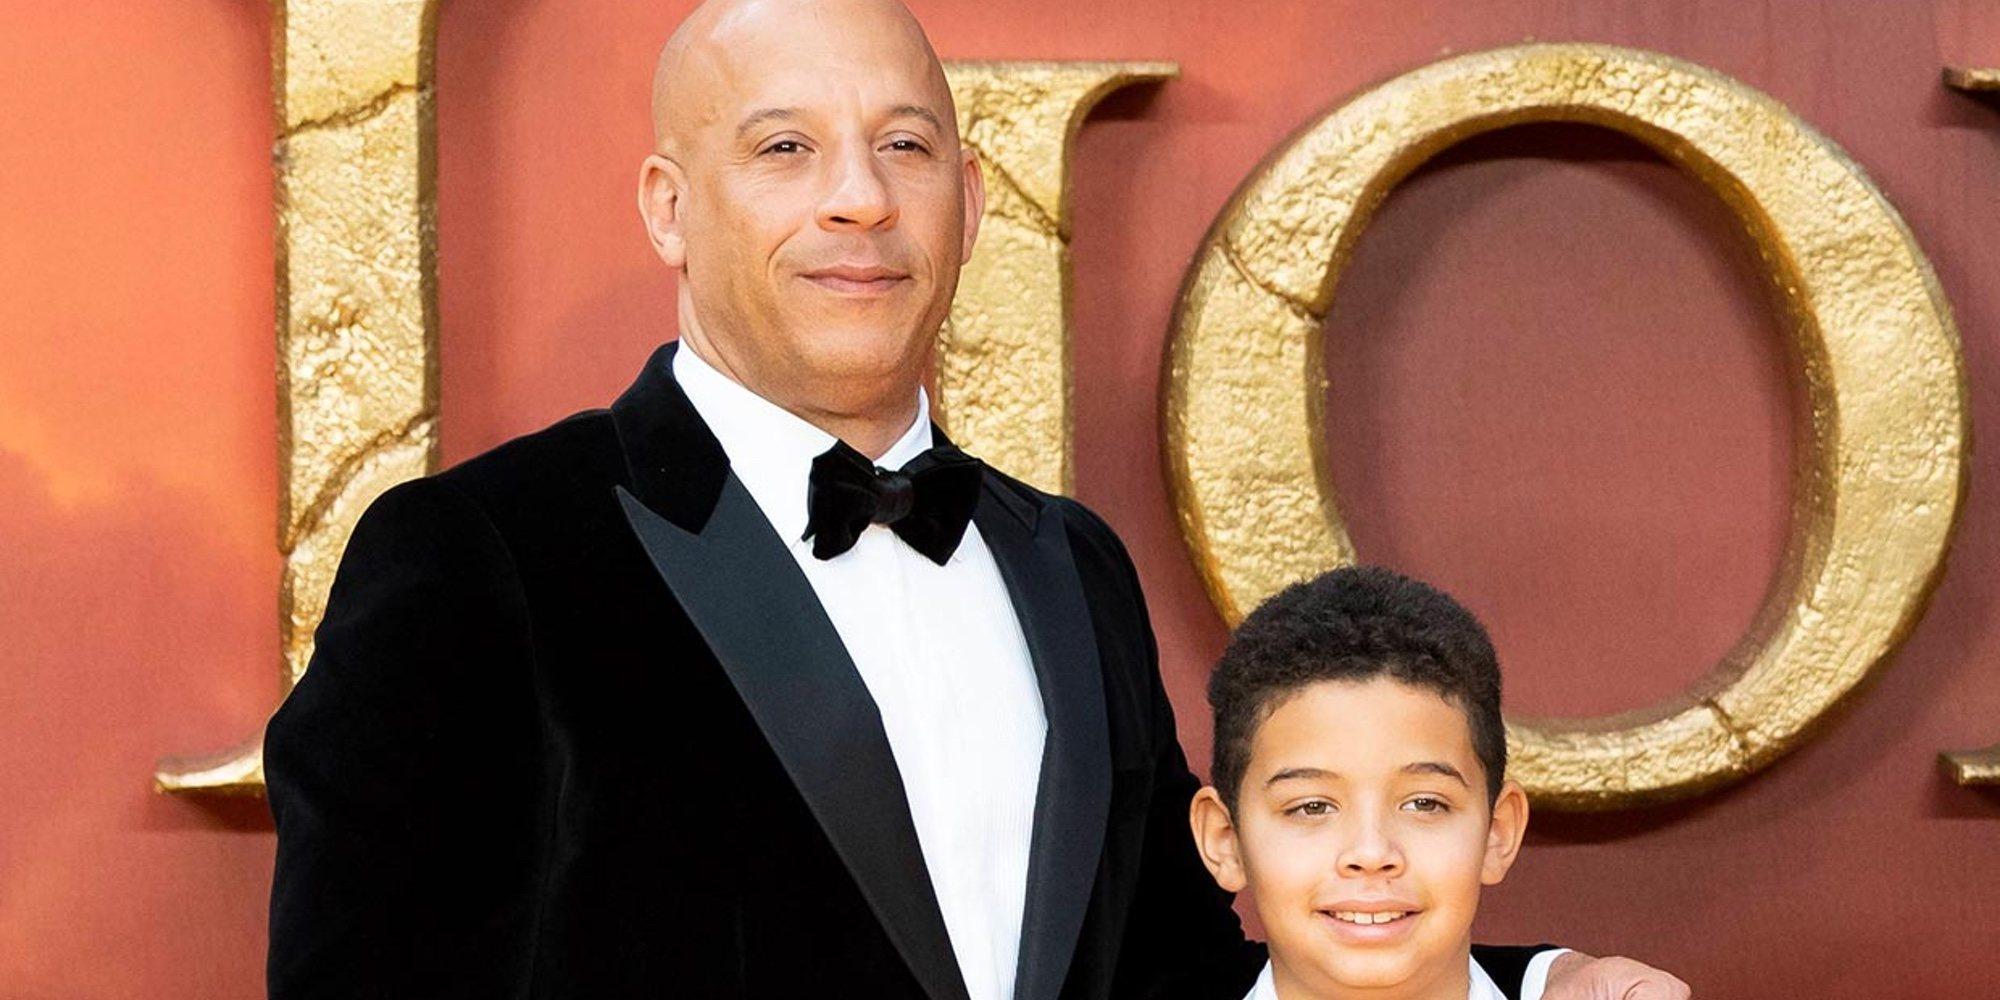 El hijo de Vin Diesel debuta en 'Fast & Furious 9' a los 10 años